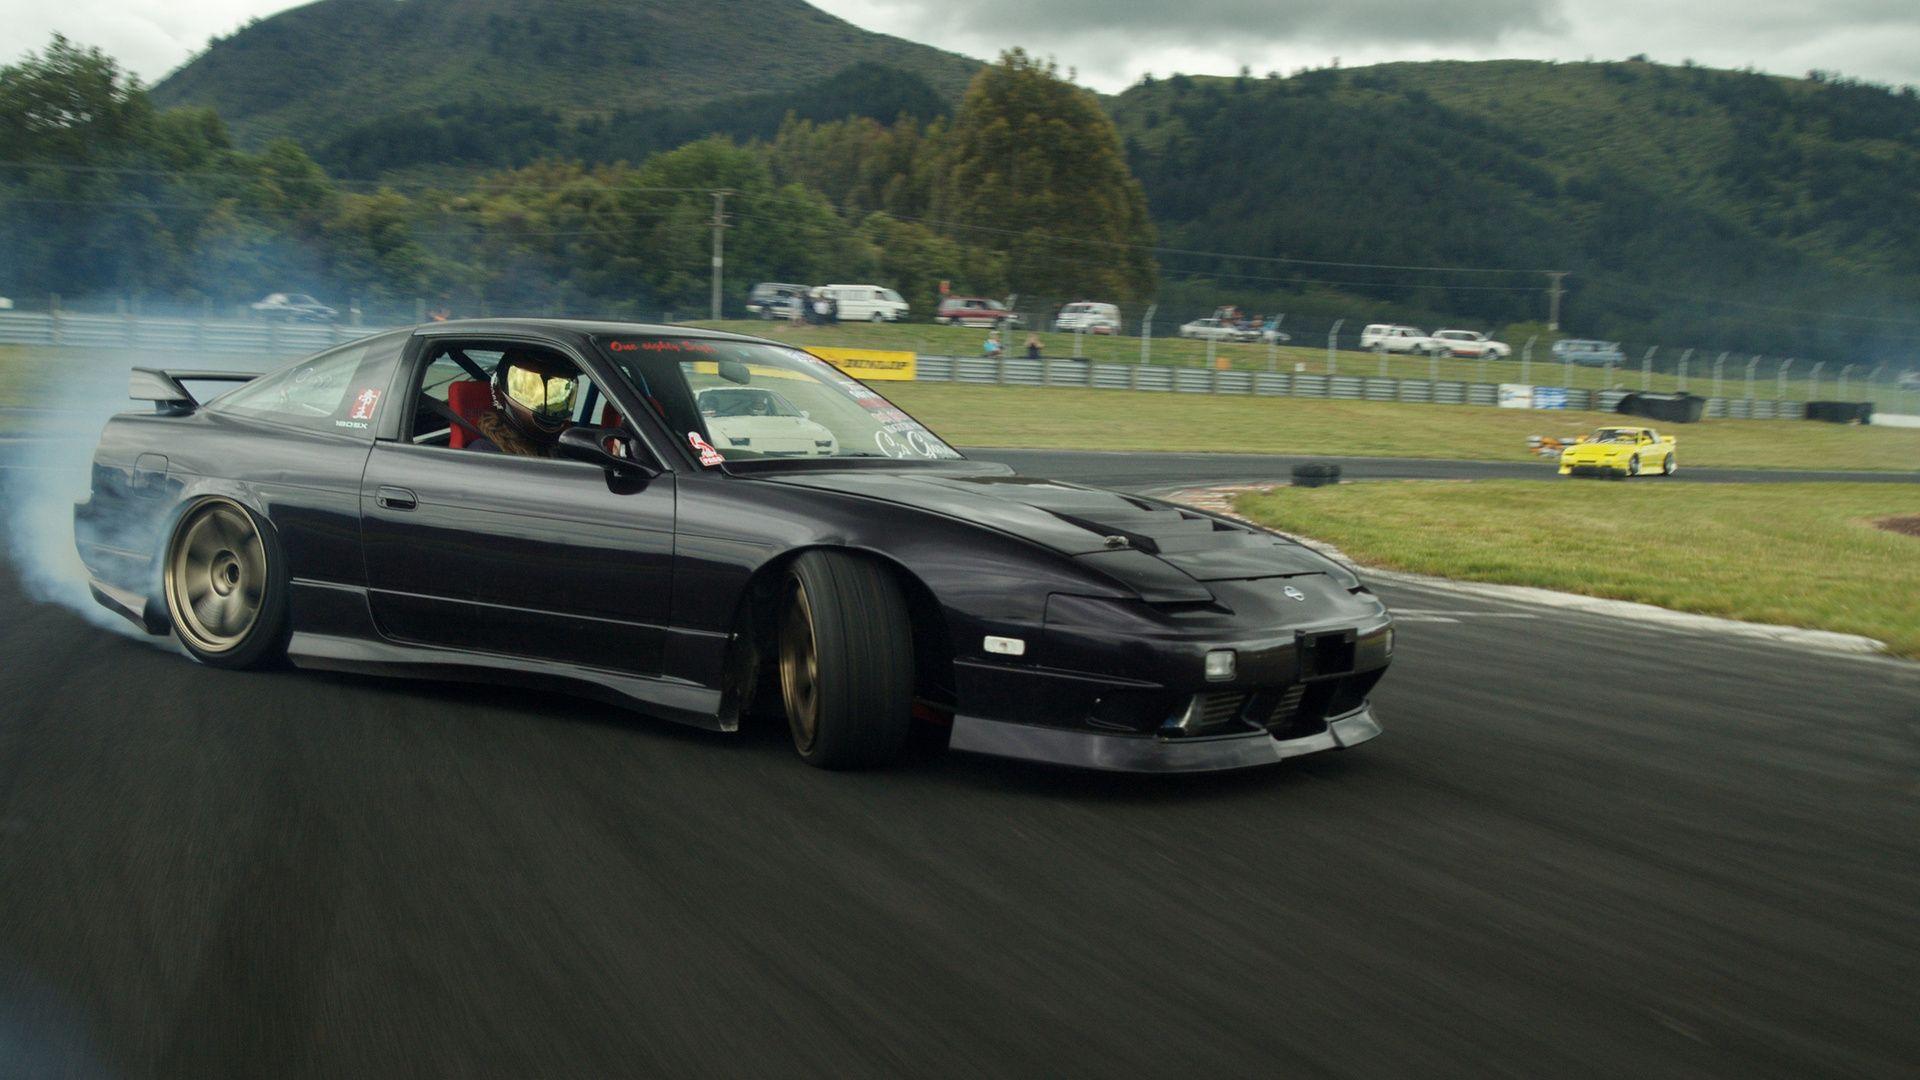 Nissan Sx Rally Drift Top Speed Wallpaper Http Www